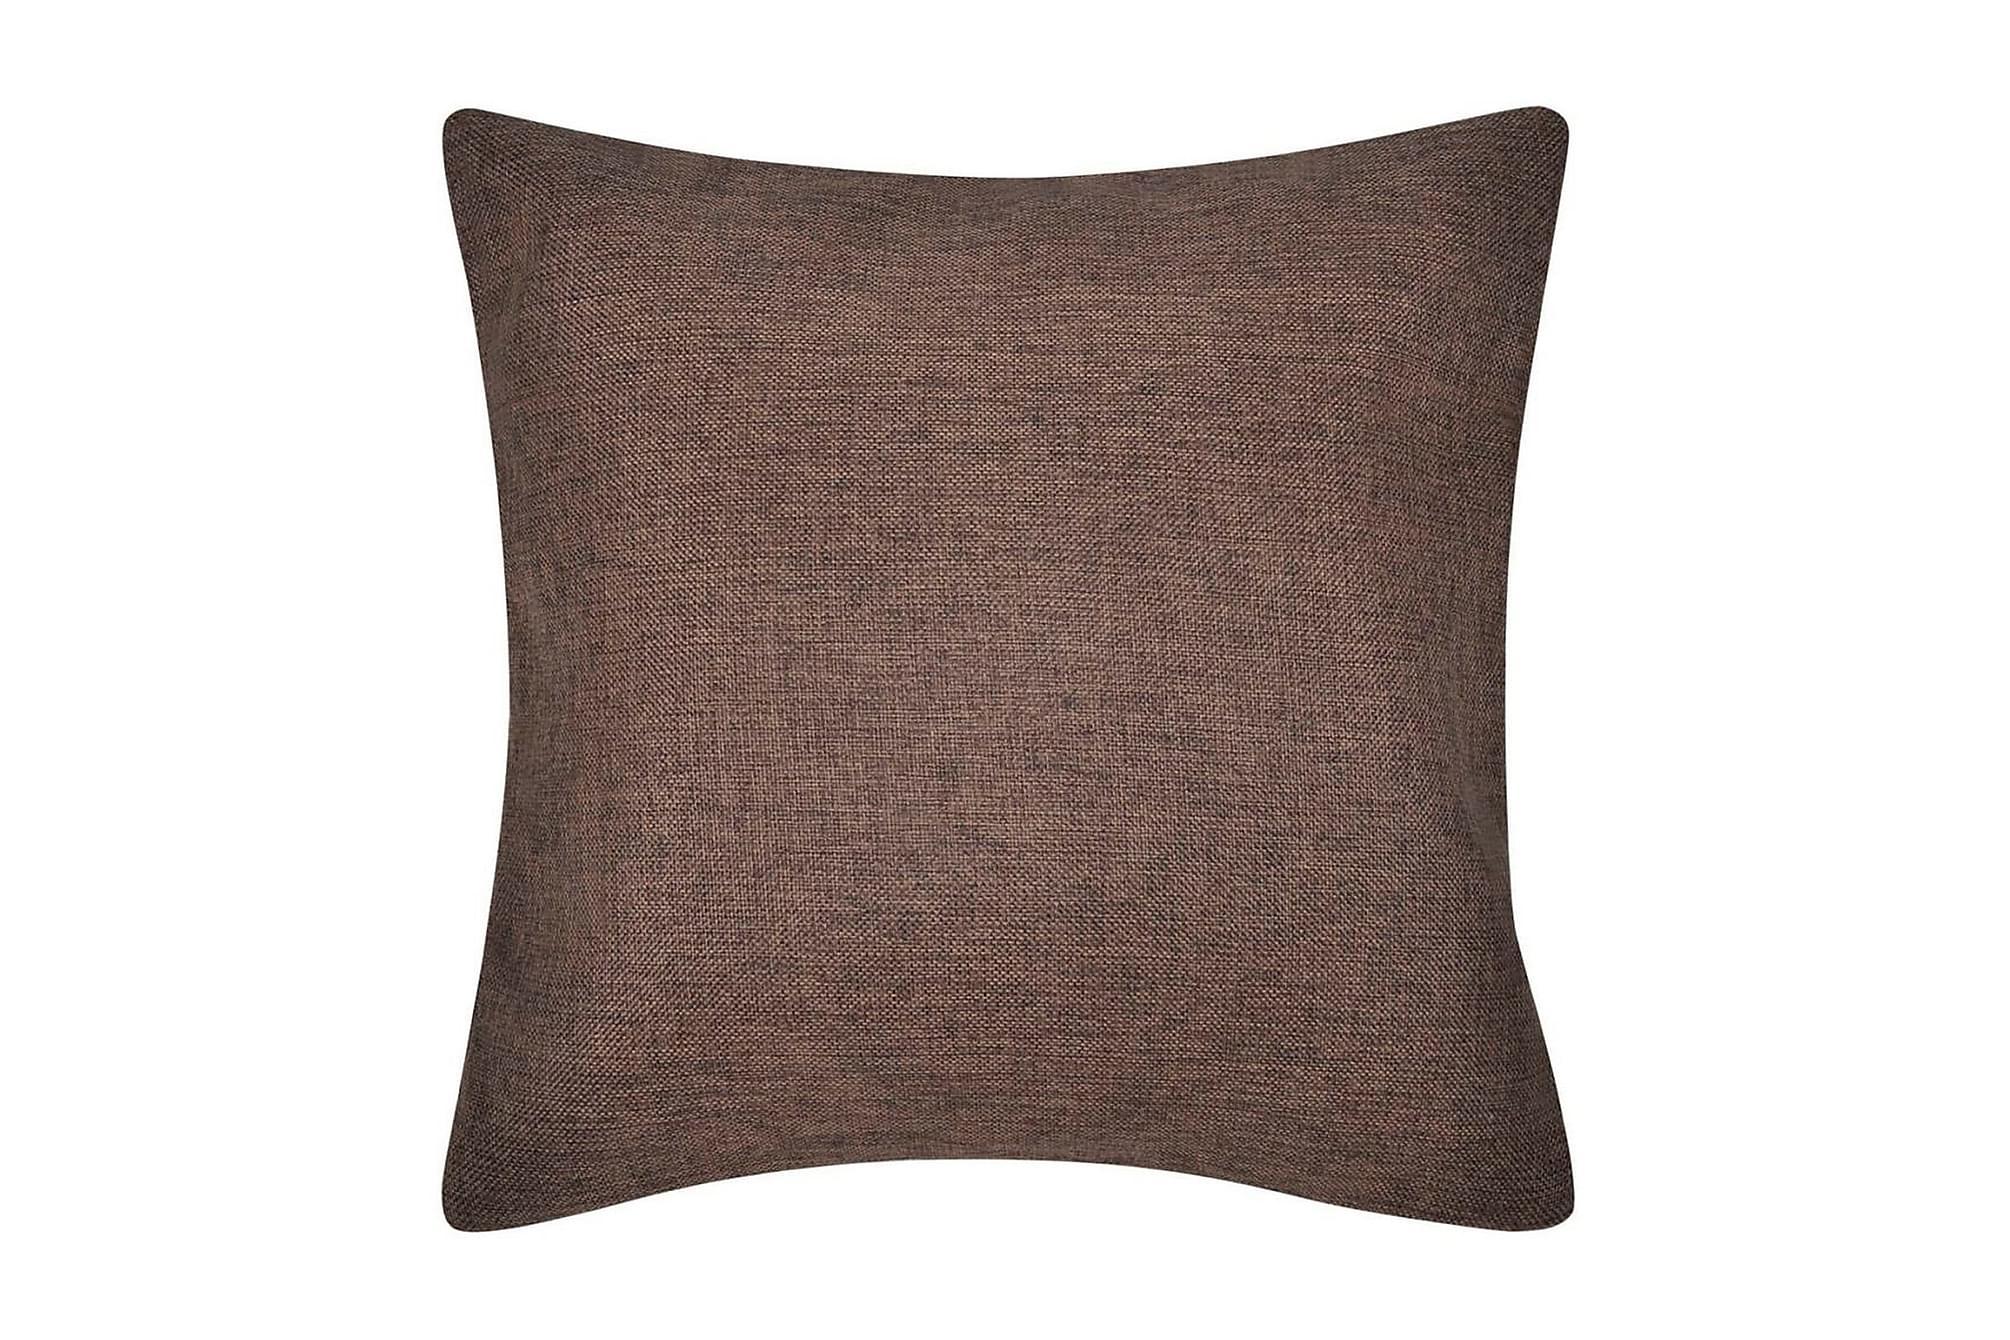 4 Kuddöverdrag i linnelook bruna 50 x 50 cm, Prydnadskuddar & filtar